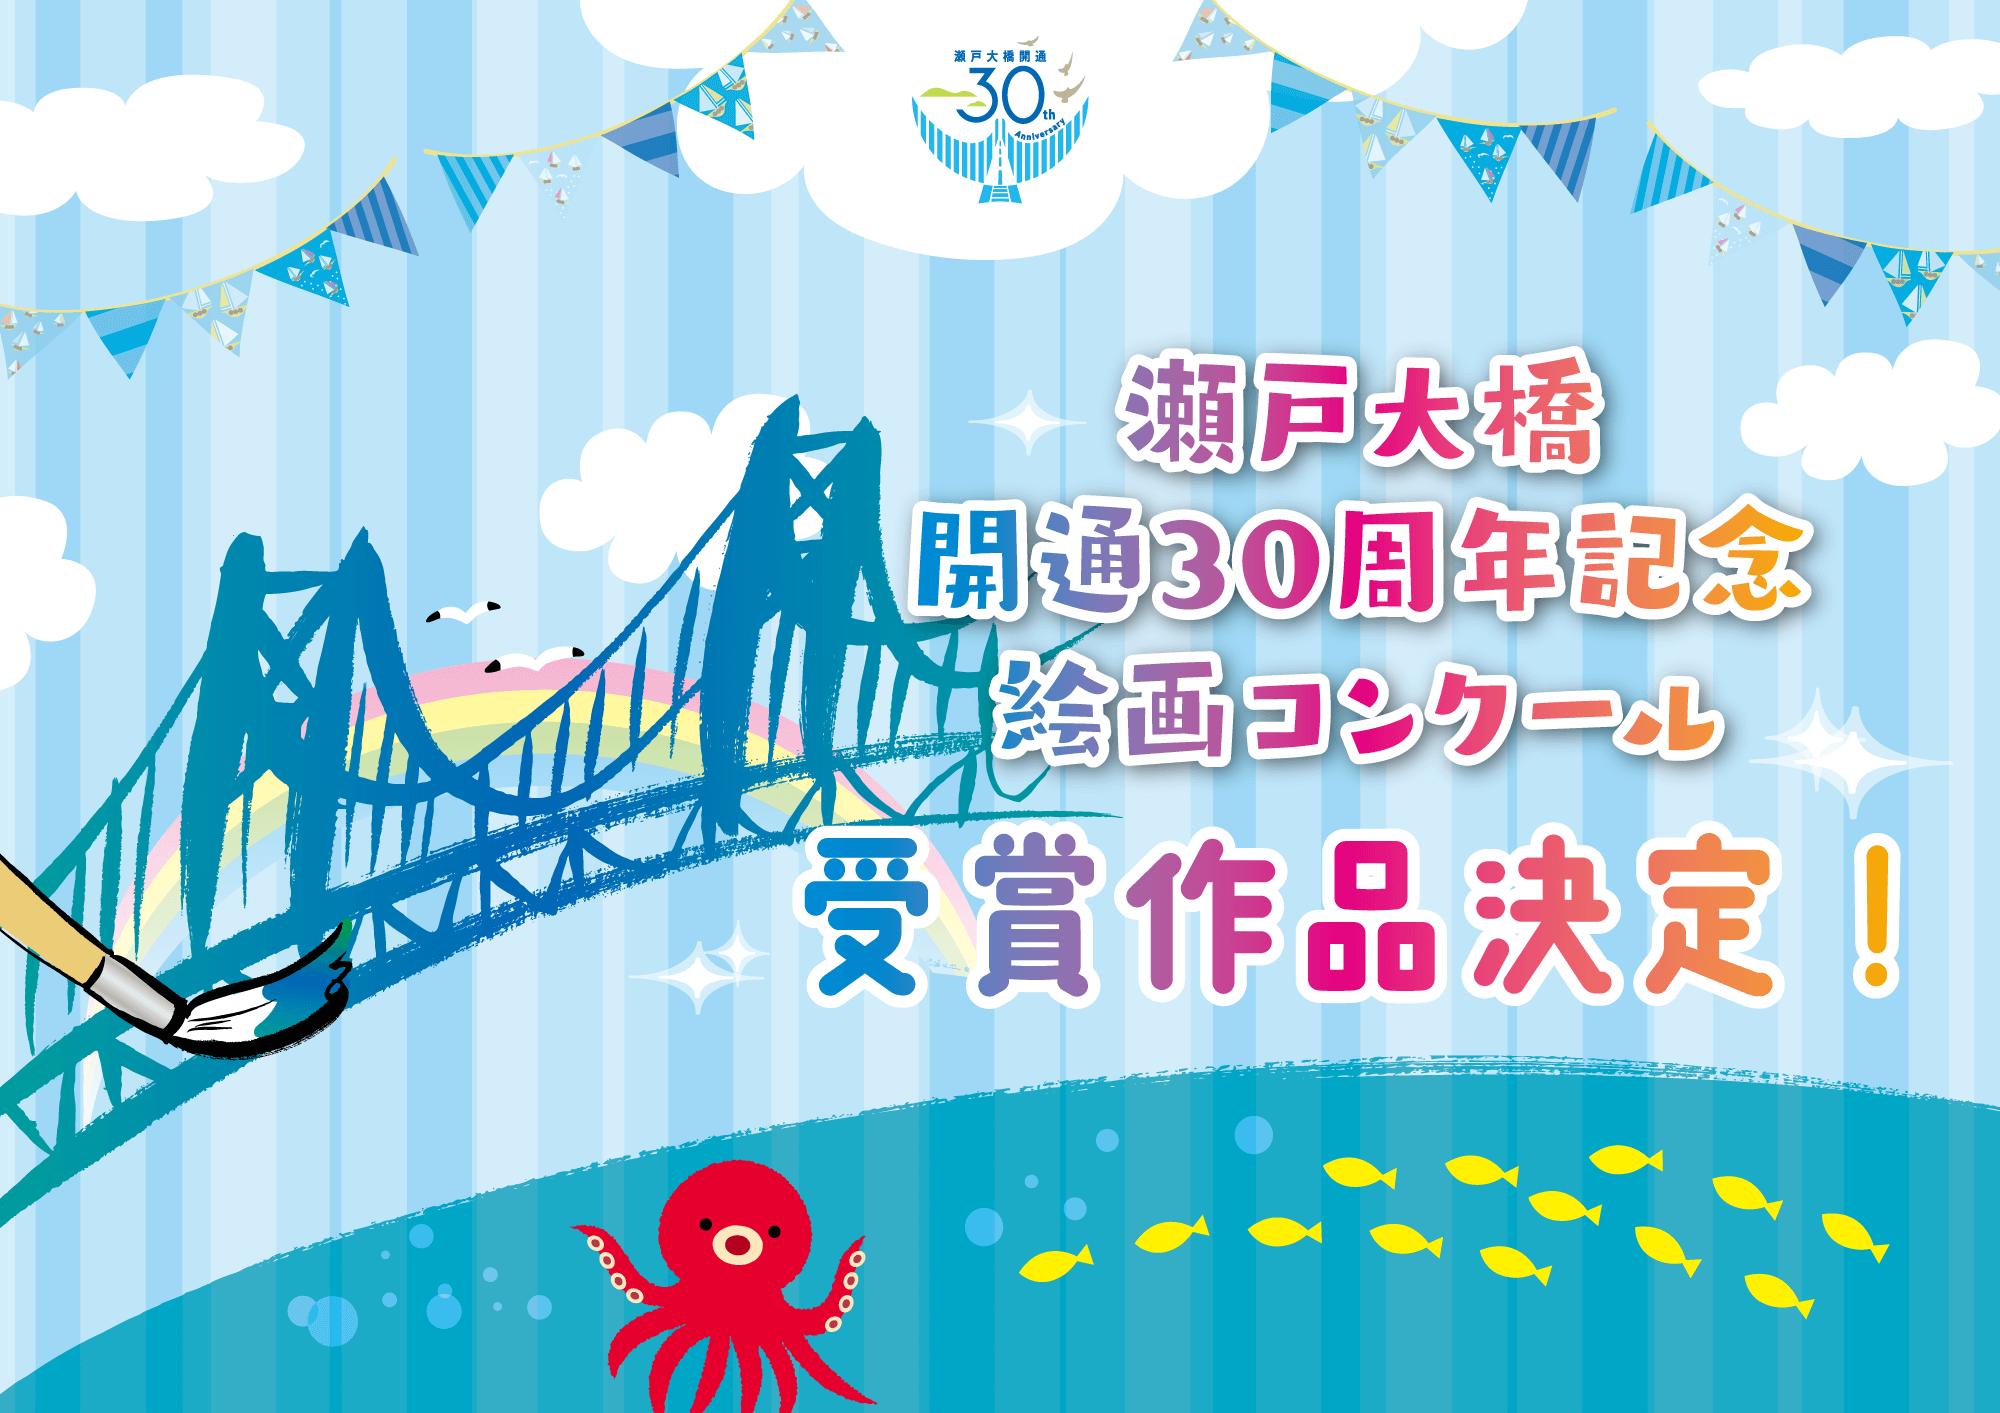 瀬戸大橋開通30周年記念絵画コンクール受賞作品決定!